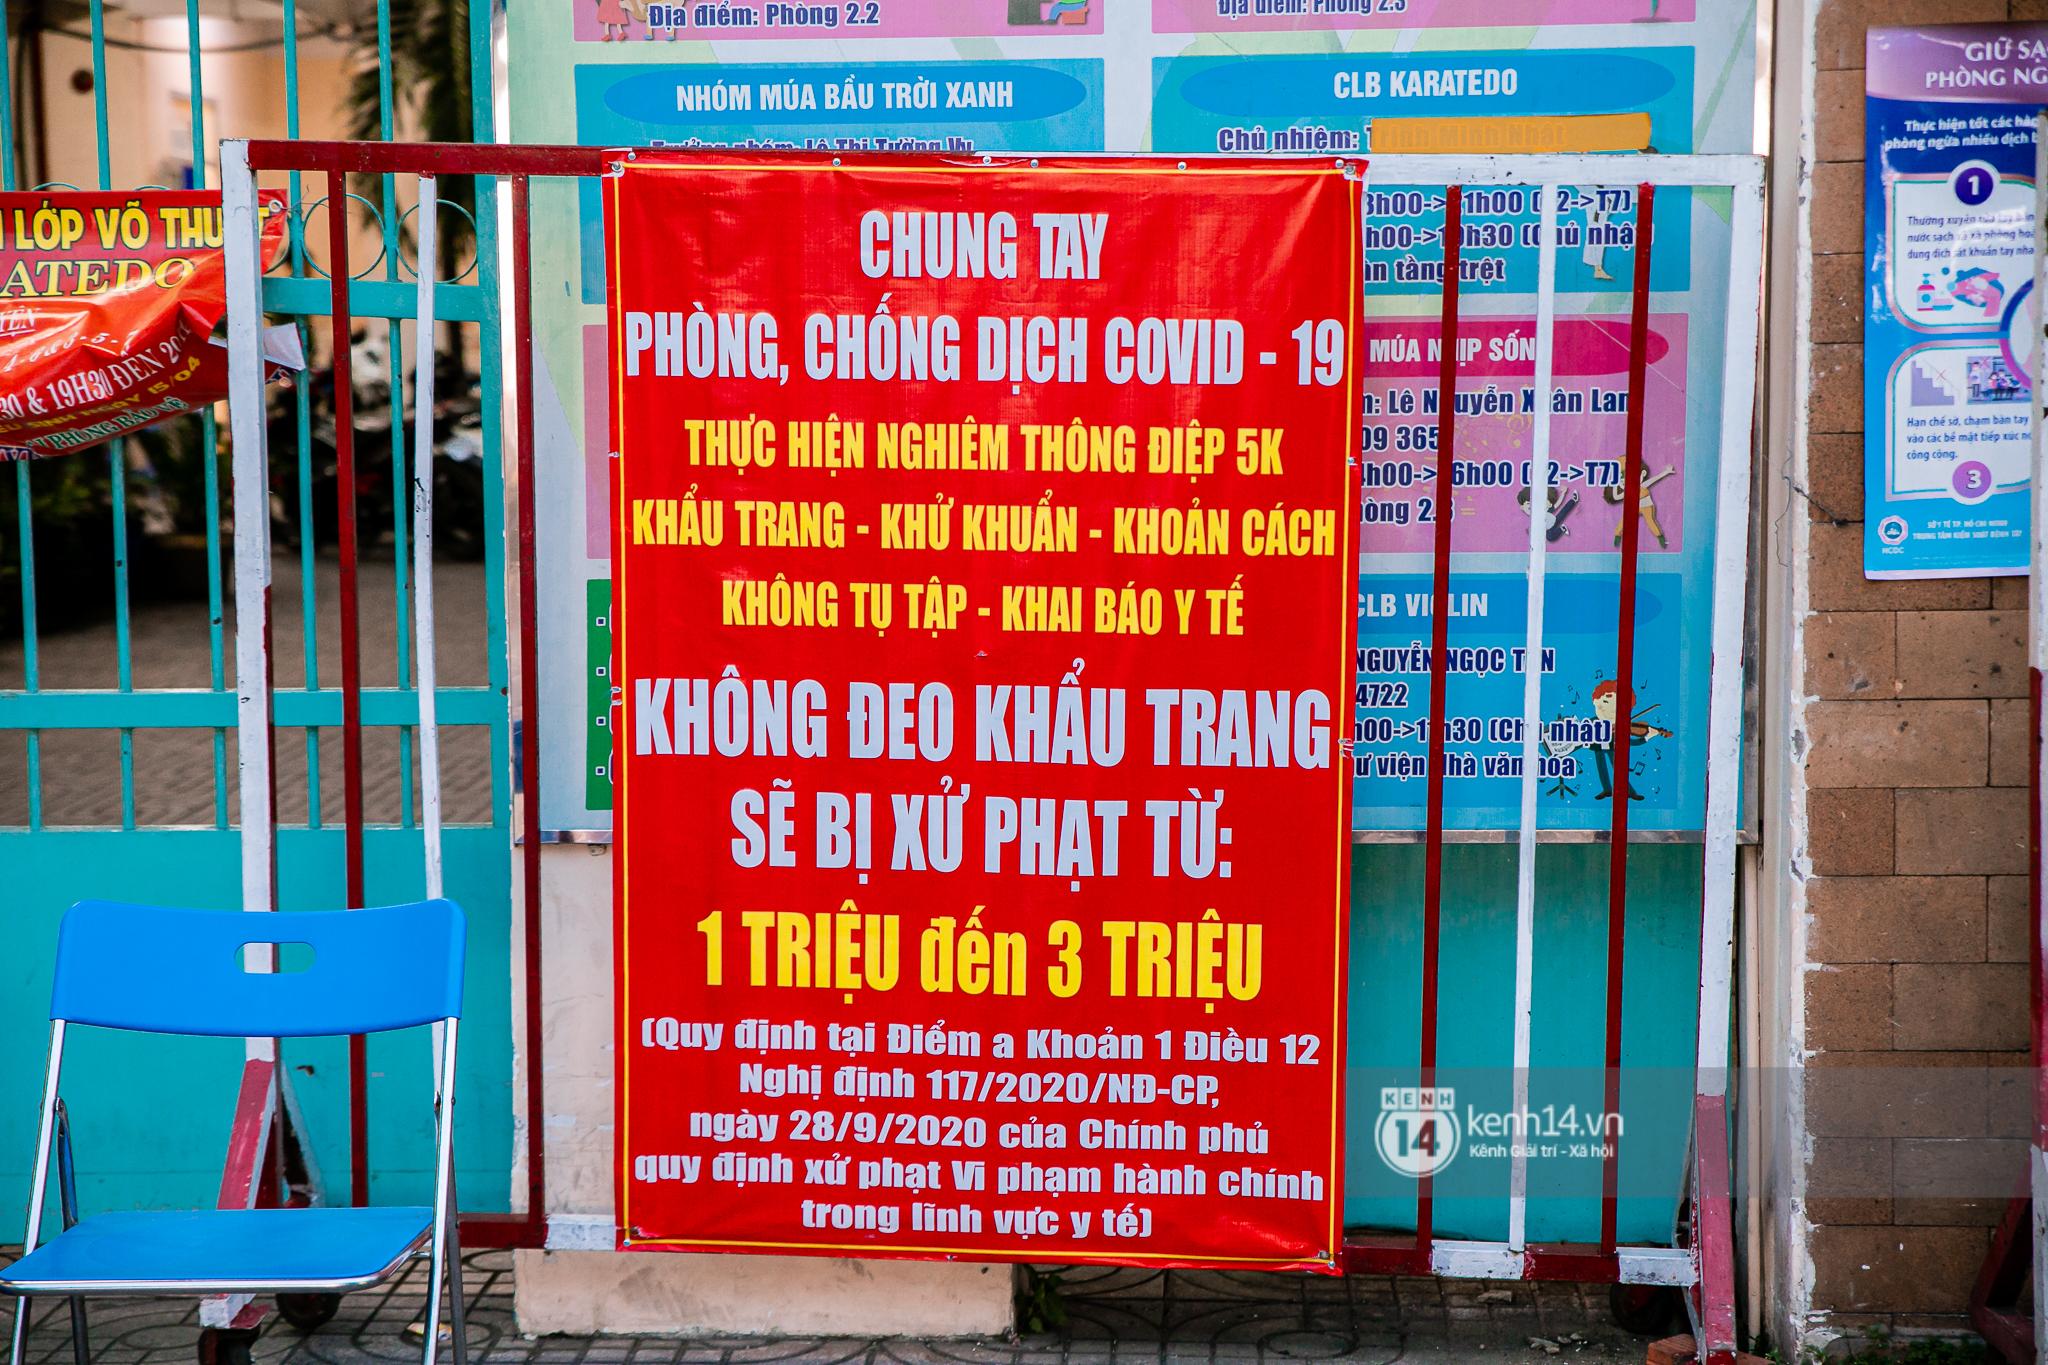 Quán xá Sài Gòn giữa mùa COVID-19 thứ 4: Nhiều địa điểm vẫn đông đến ngộp thở, dù có đeo khẩu trang nhưng vẫn cực kỳ nguy hiểm - Ảnh 3.